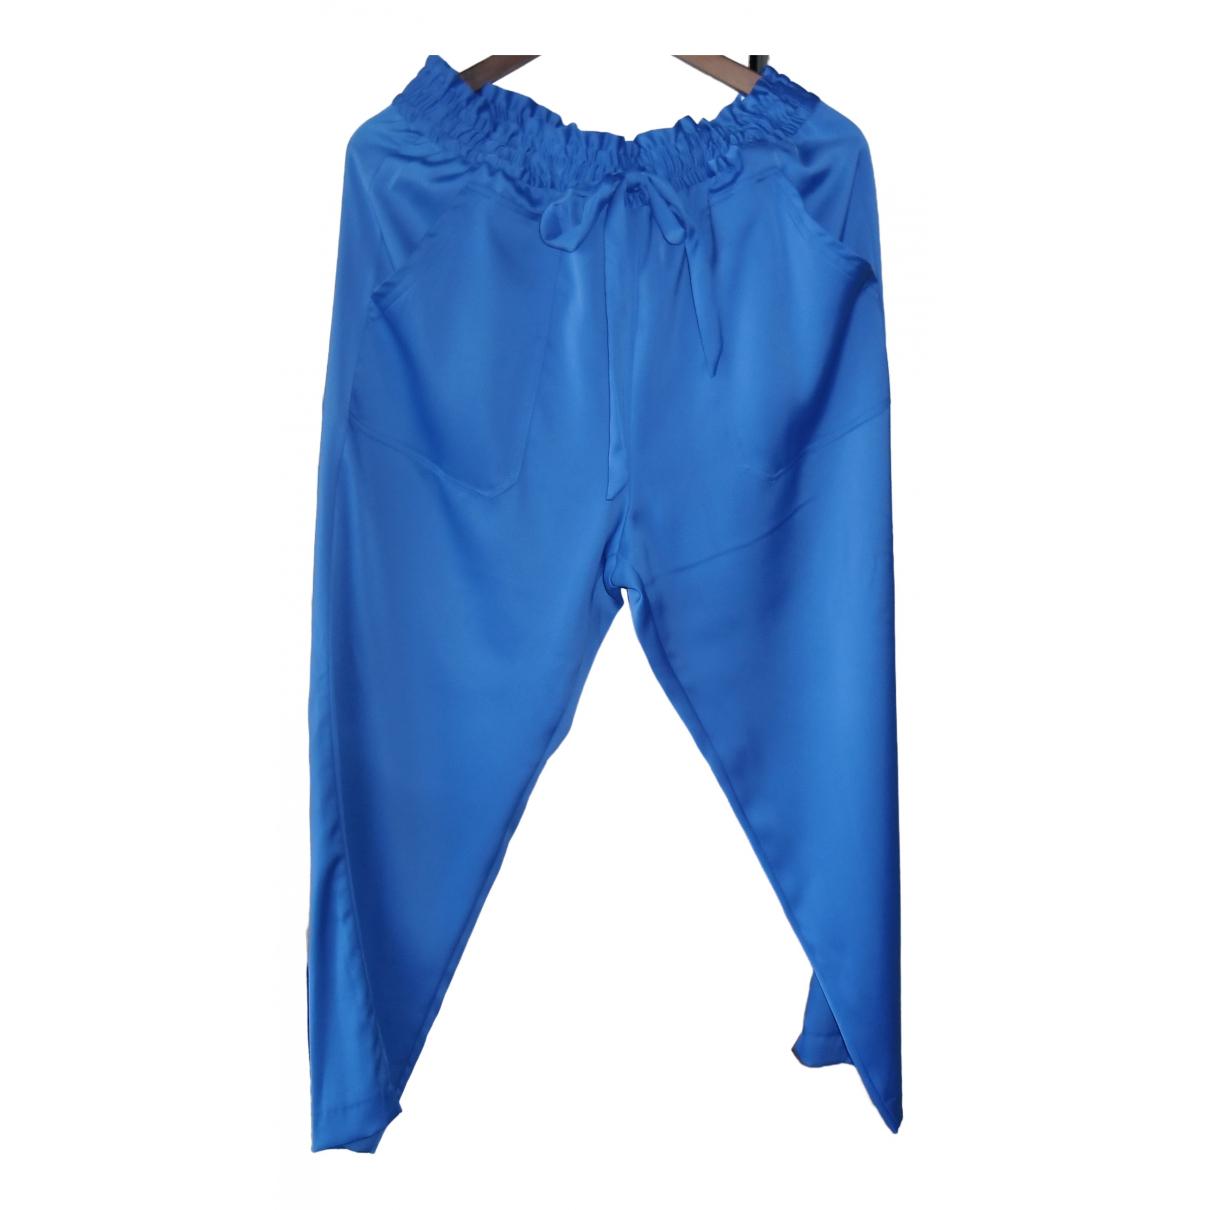 Zara \N Blue Trousers for Women L International